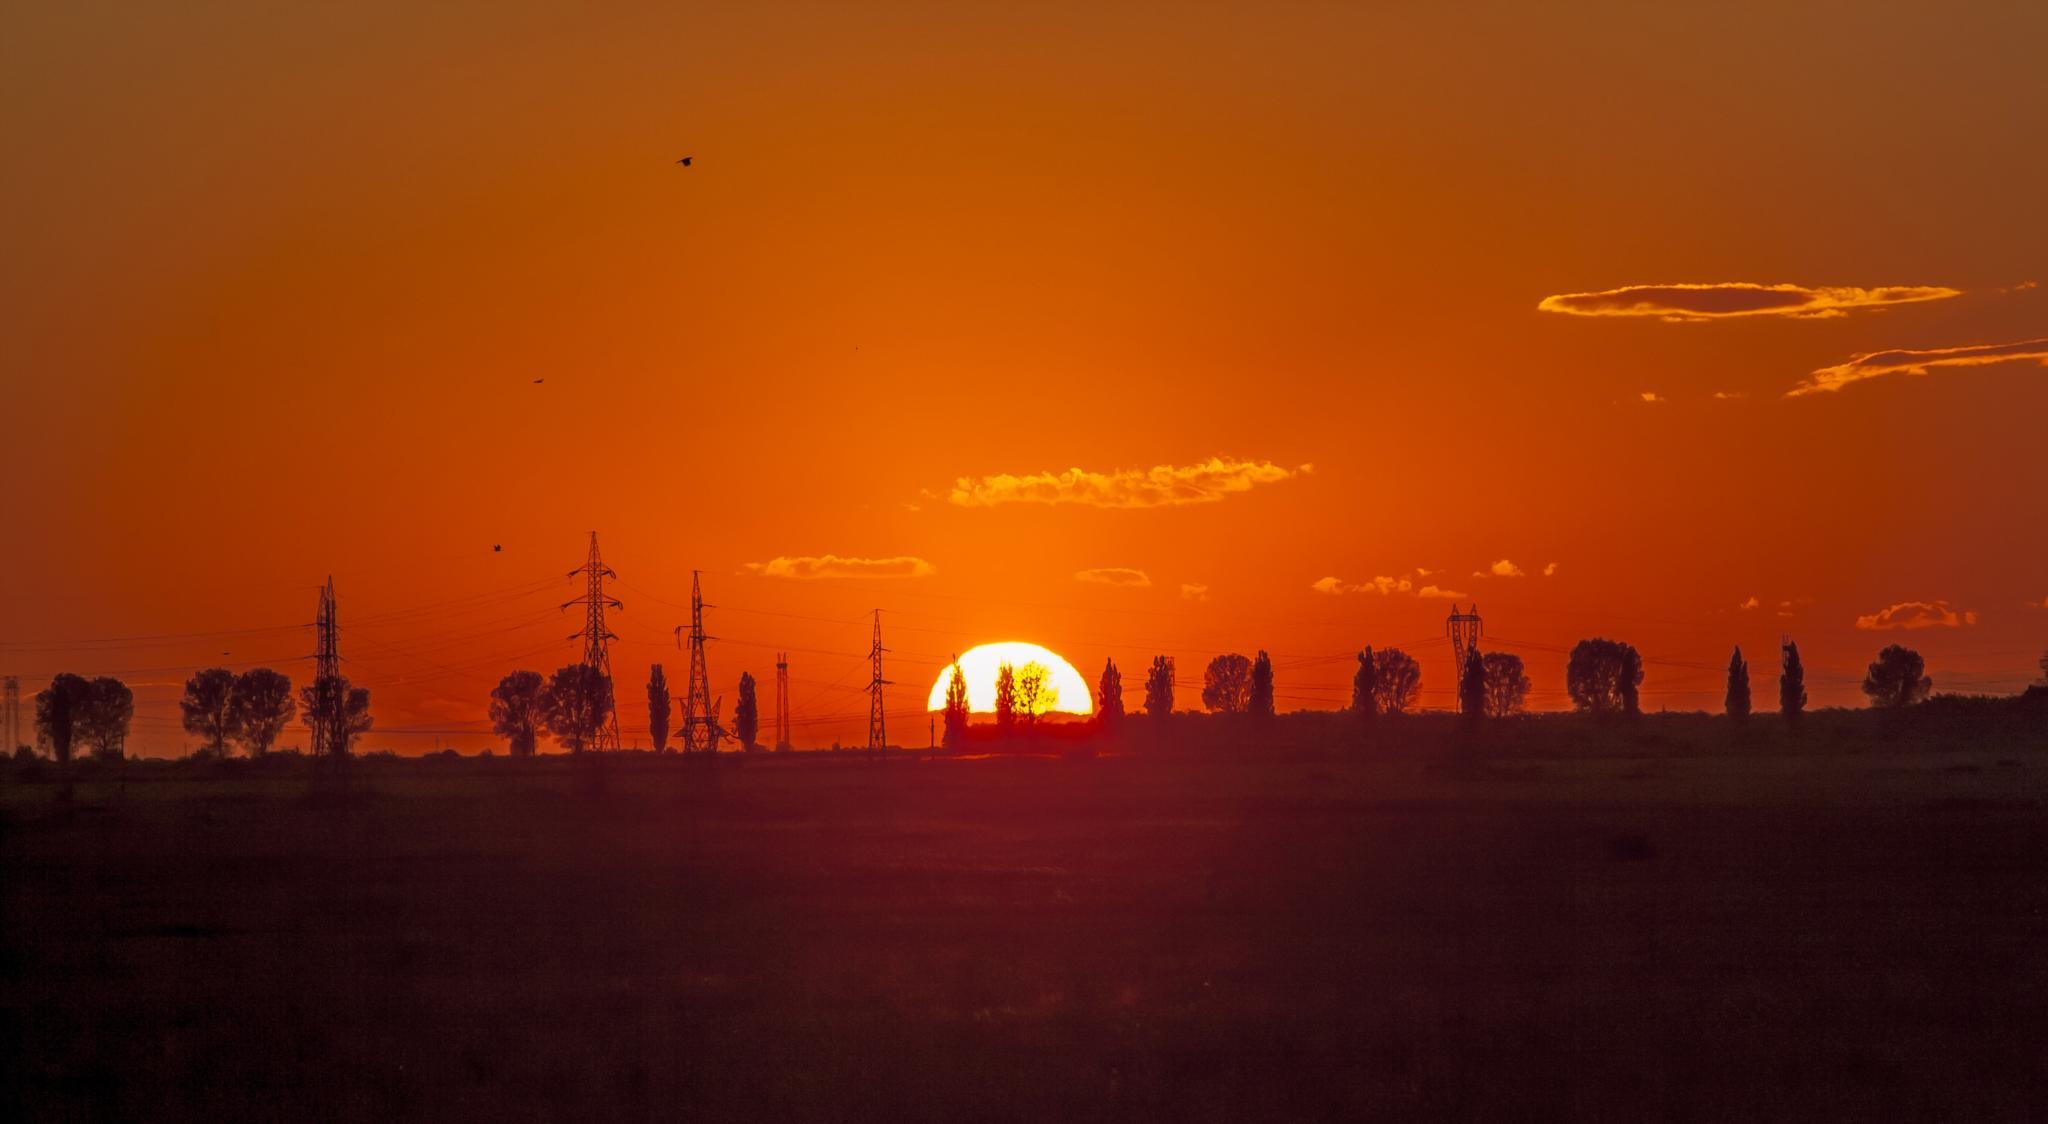 Sun by Barbascu Sorin